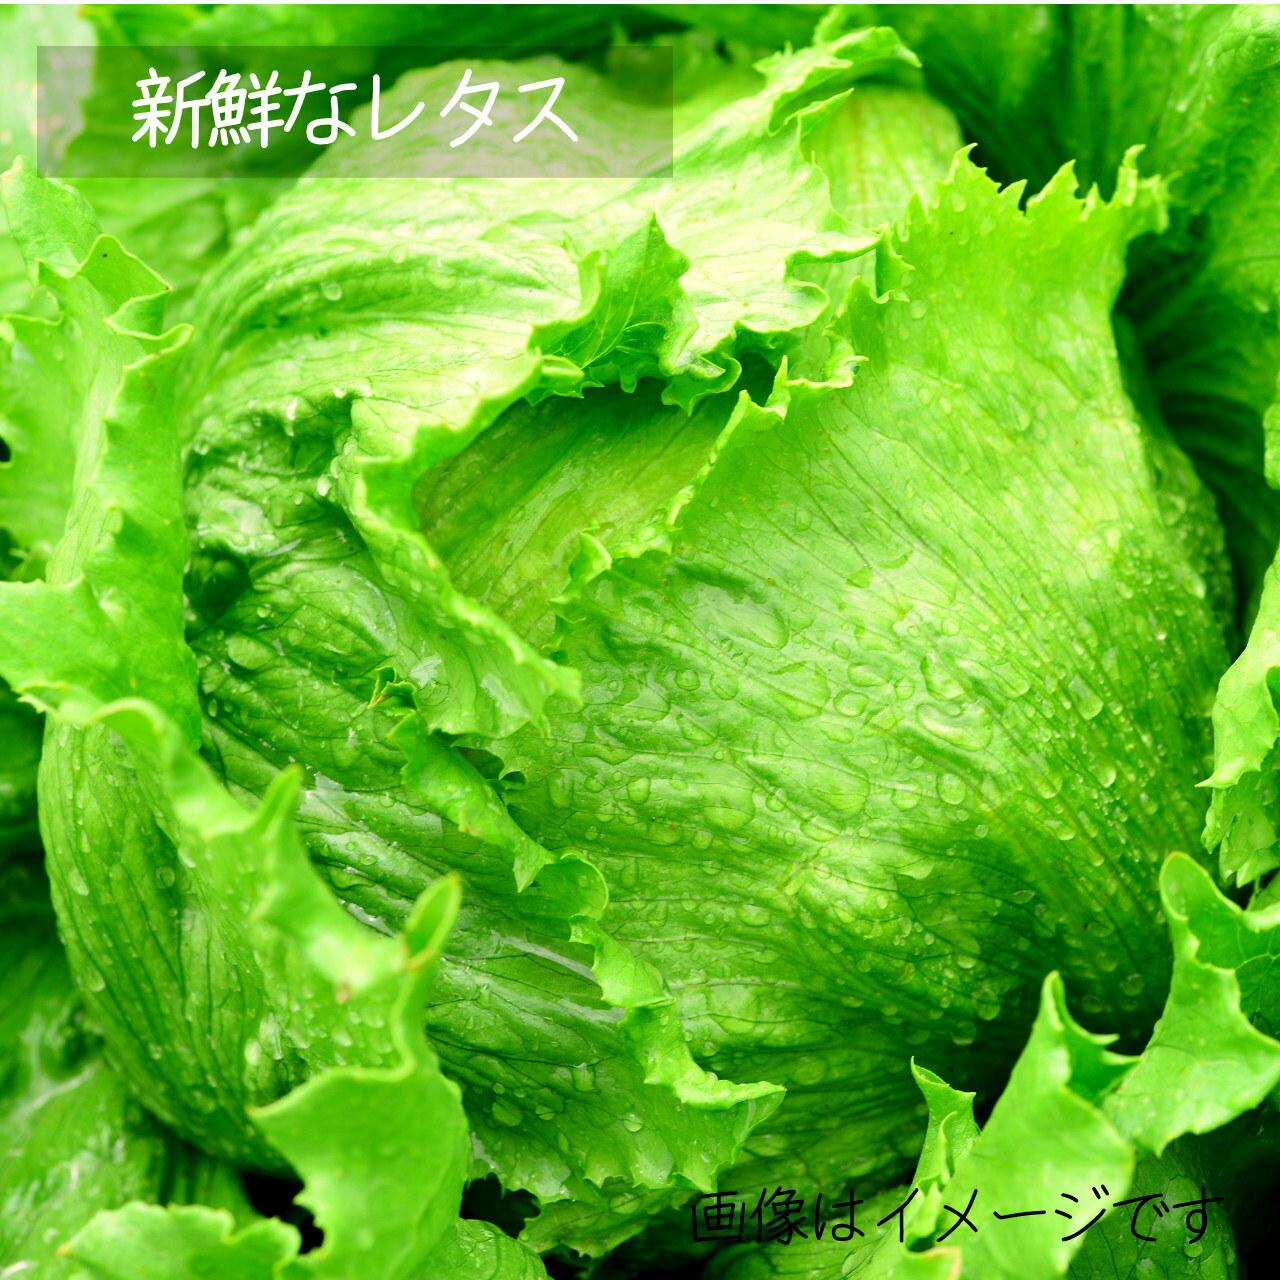 7月の新鮮野菜 :レタス 1個 : 朝採り直売野菜 7月4日発送予定